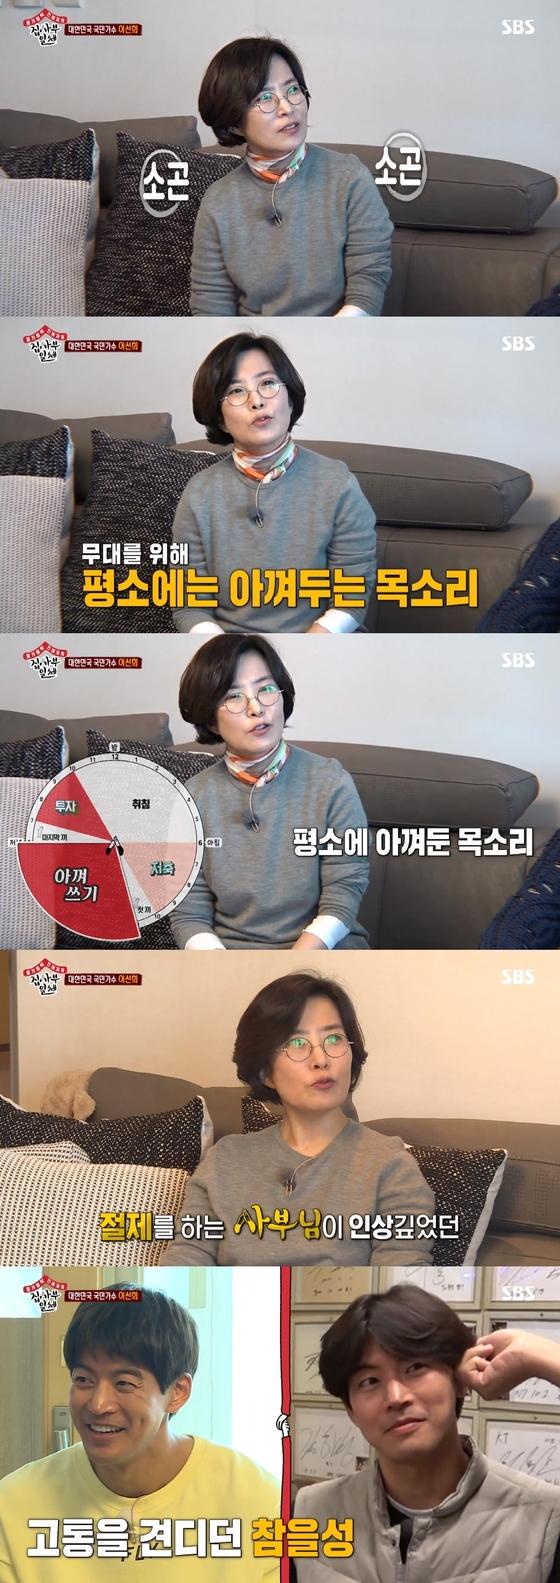 """'집사부일체' 이선희, 집 공개에 긴장 """"이승기만 믿는다"""""""